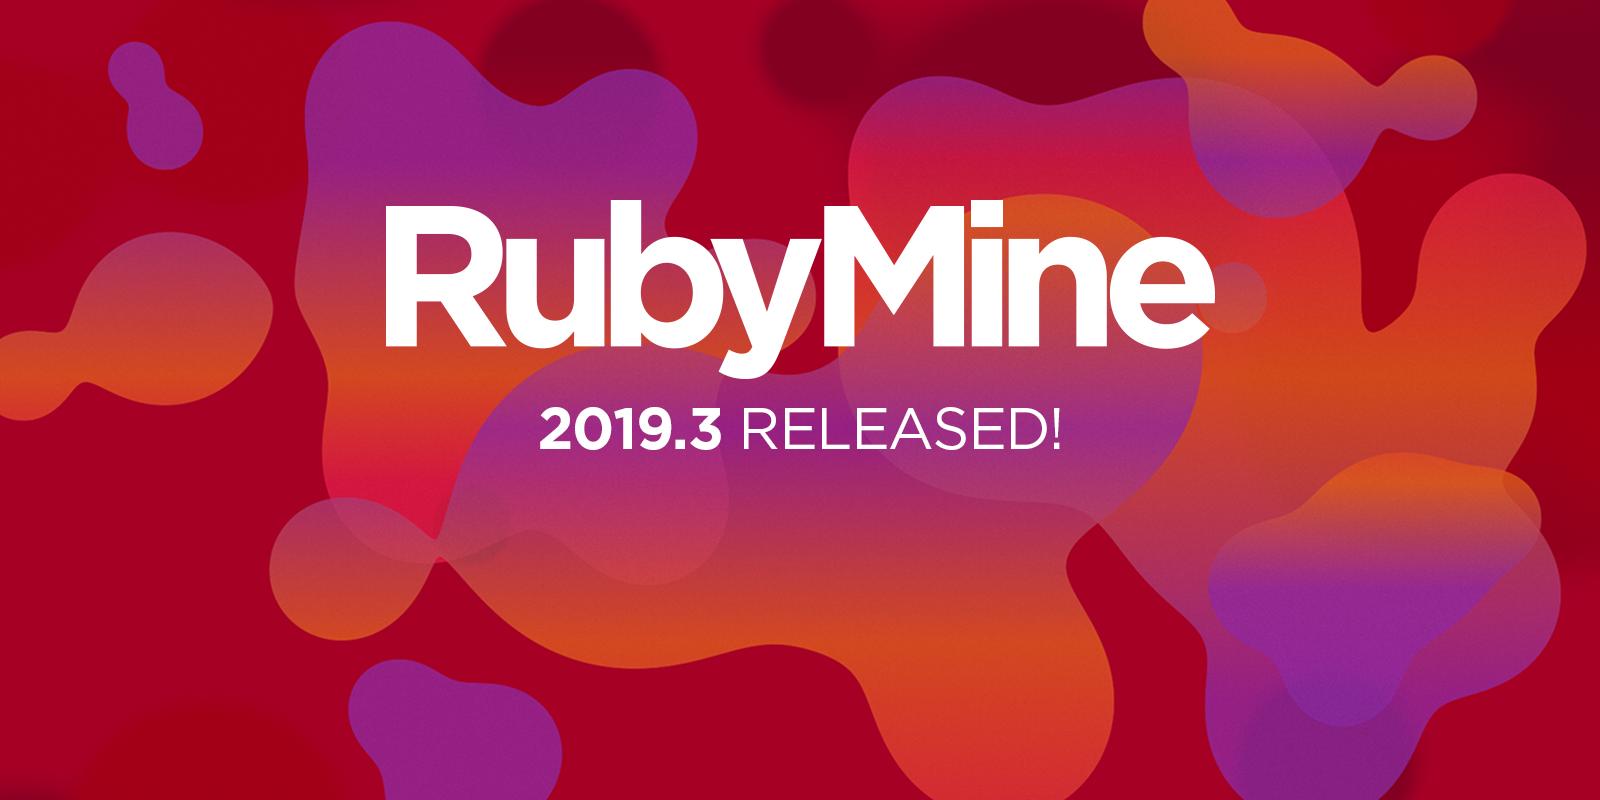 RubyMine 2019.3